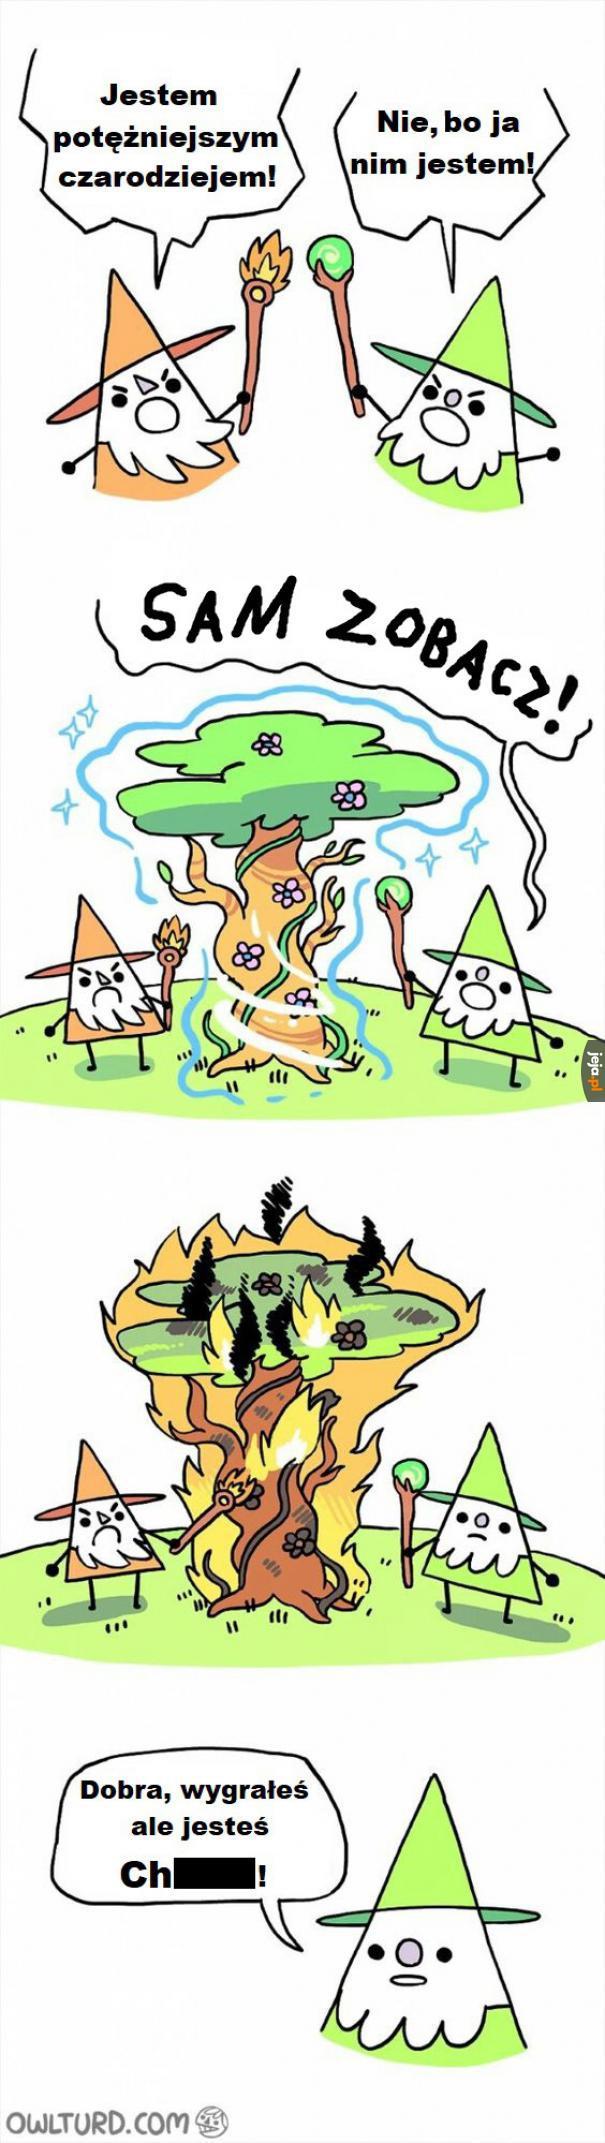 Potężny czarodziej